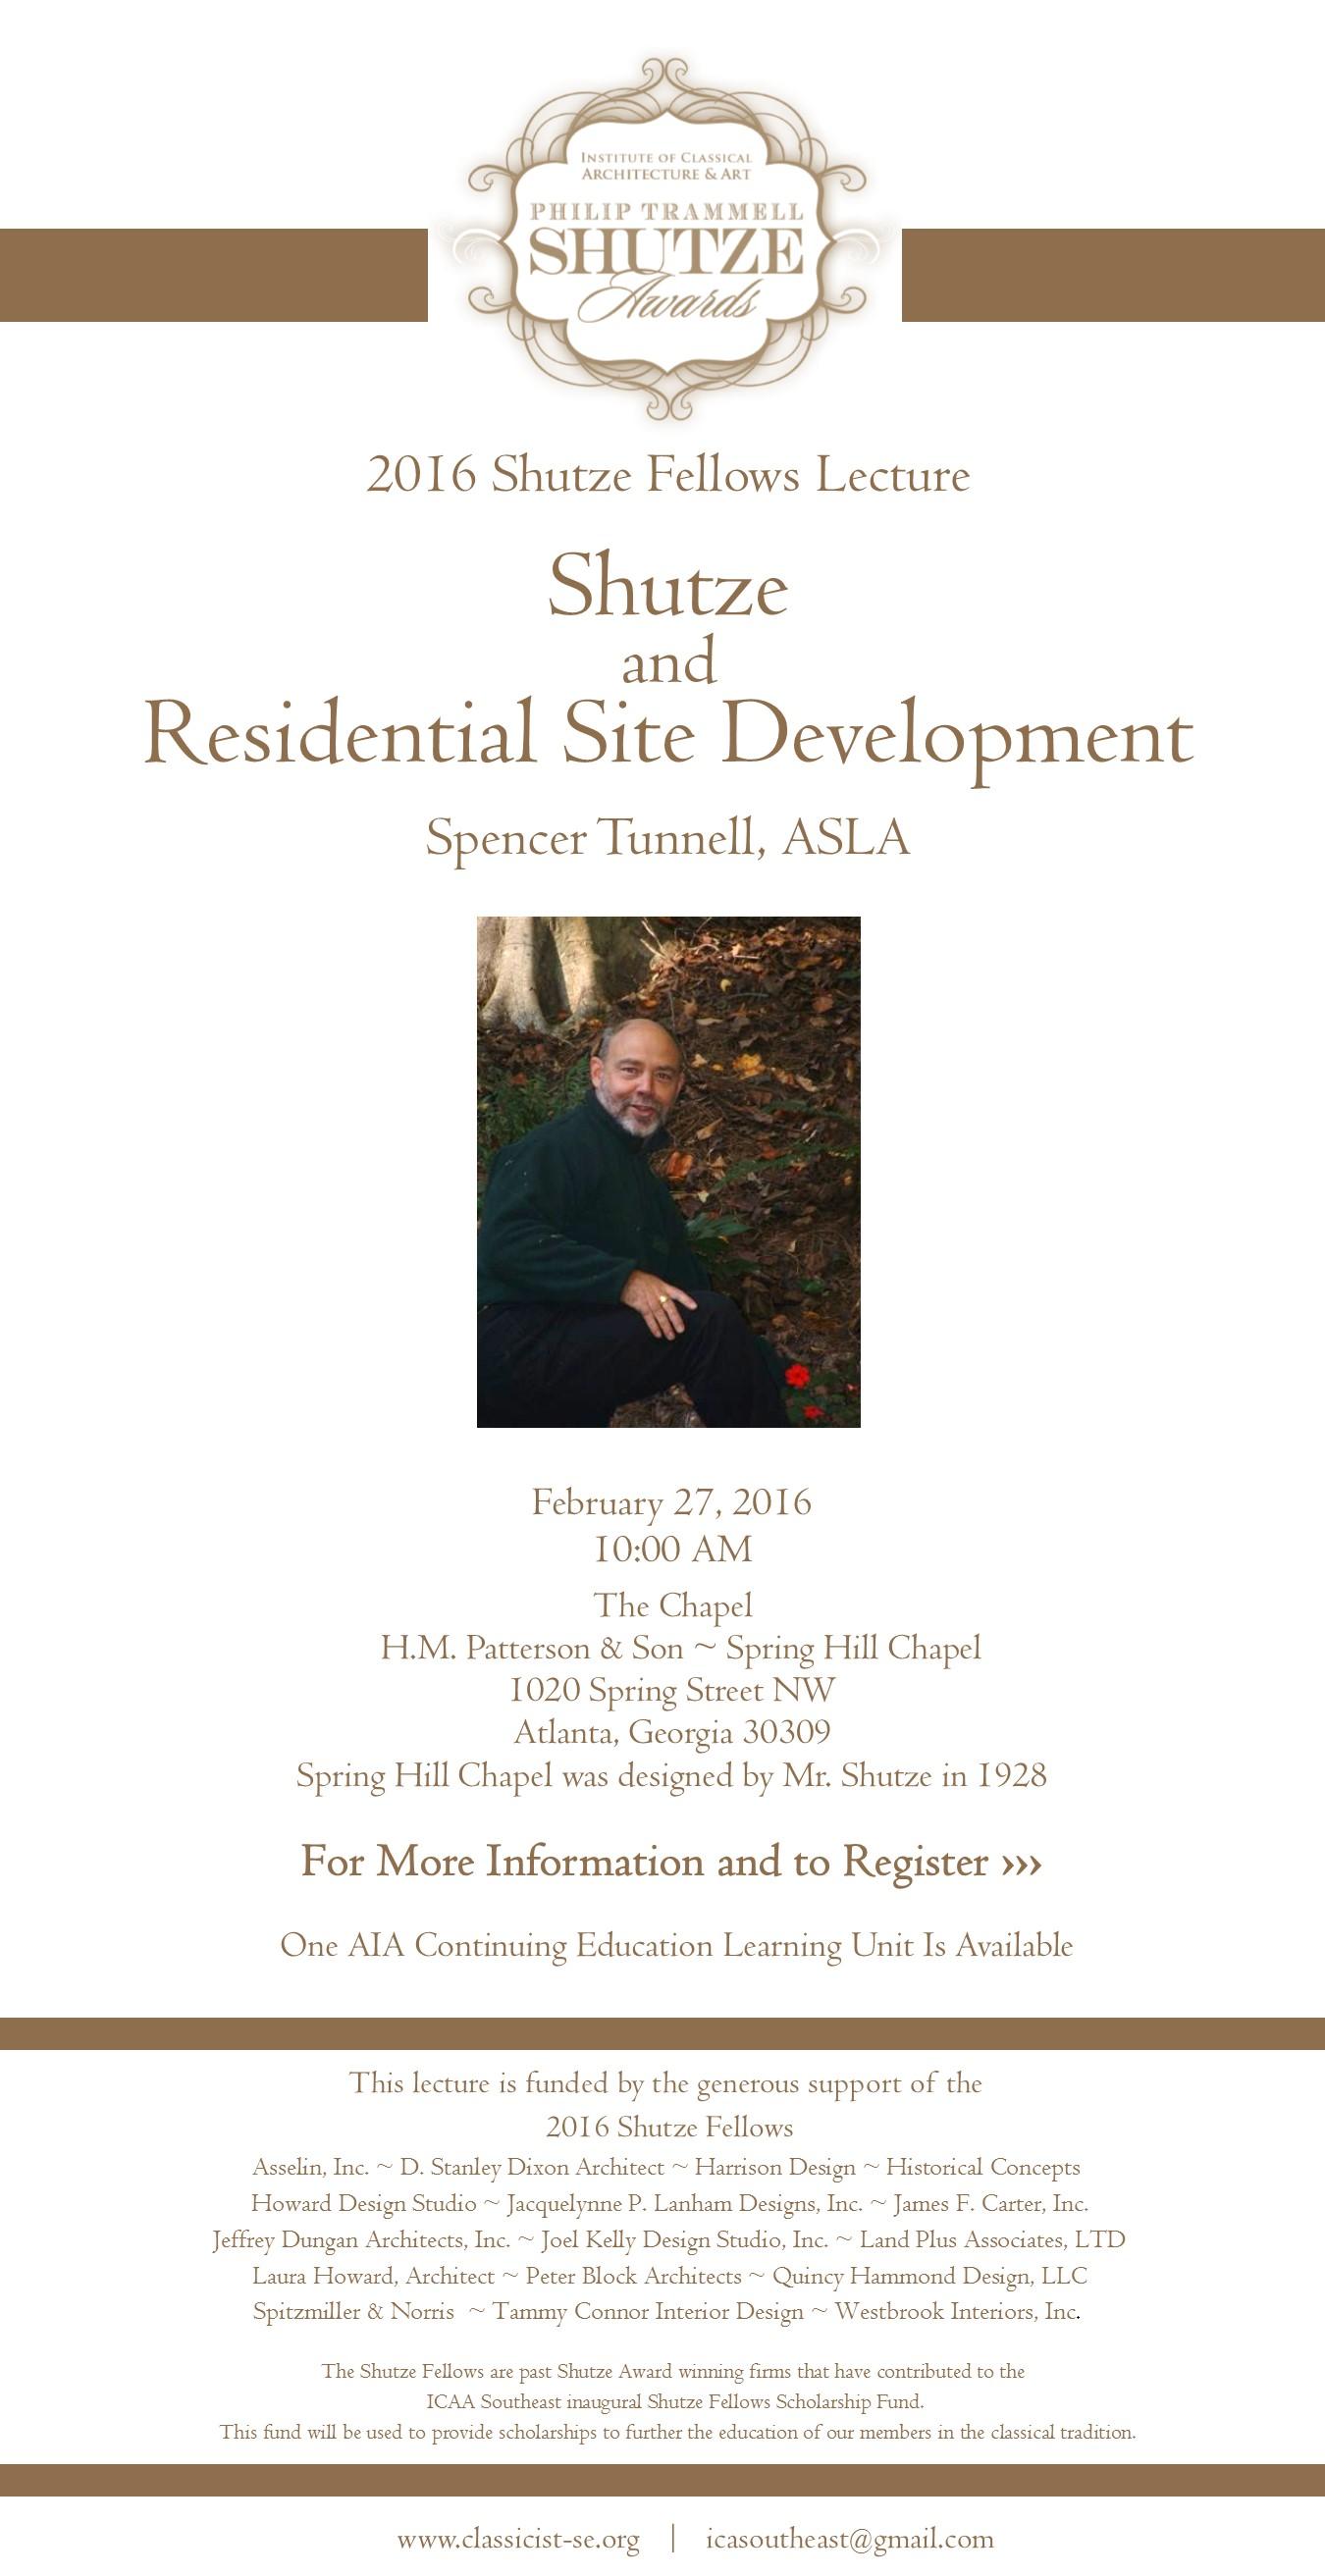 2016 Shutze Lecture